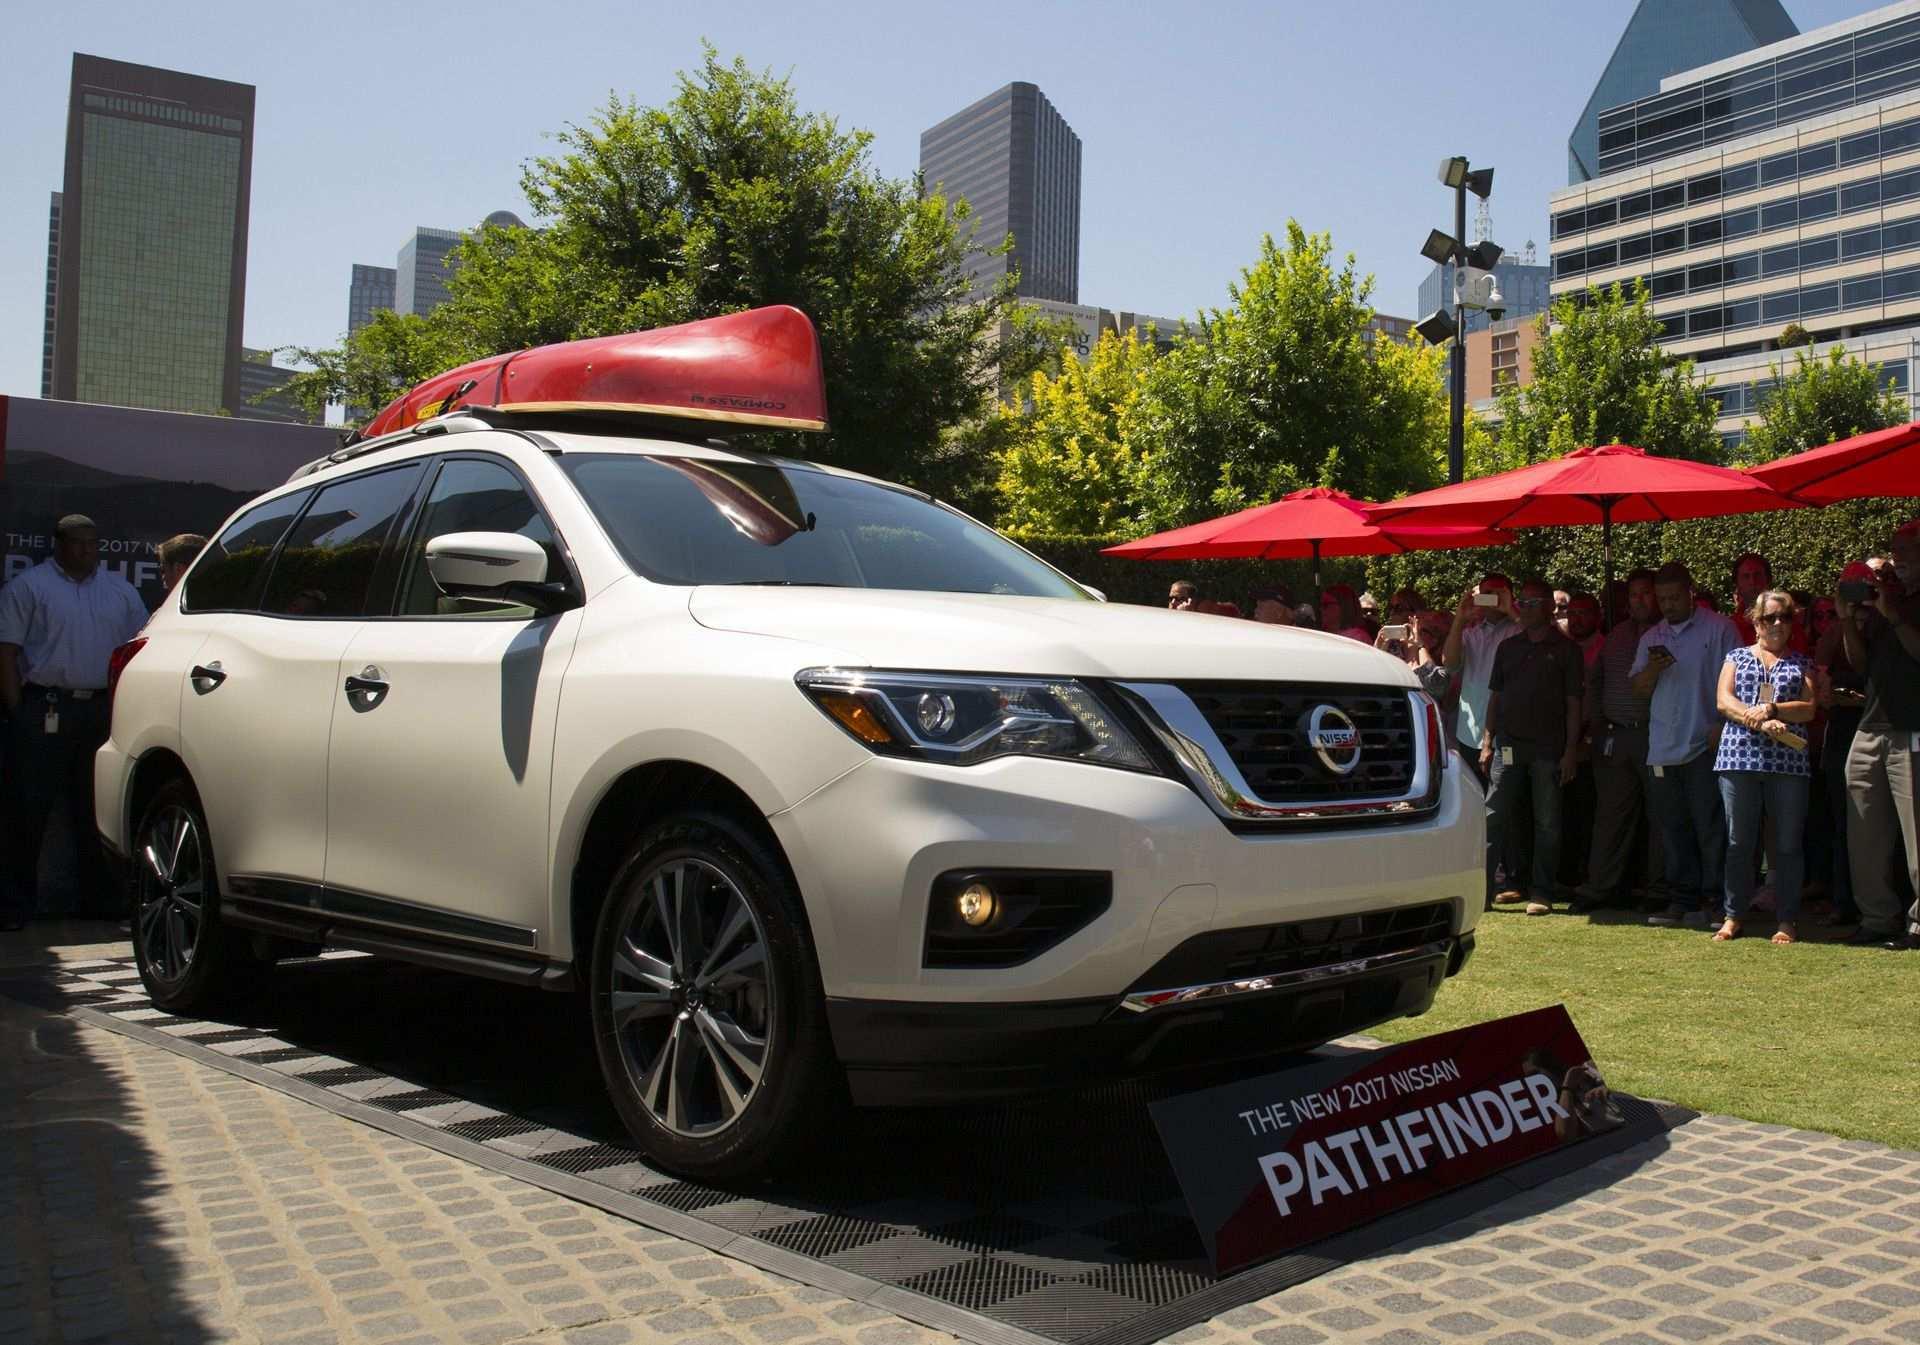 30 Concept of 2020 Nissan Pathfinder Hybrid Images with 2020 Nissan Pathfinder Hybrid